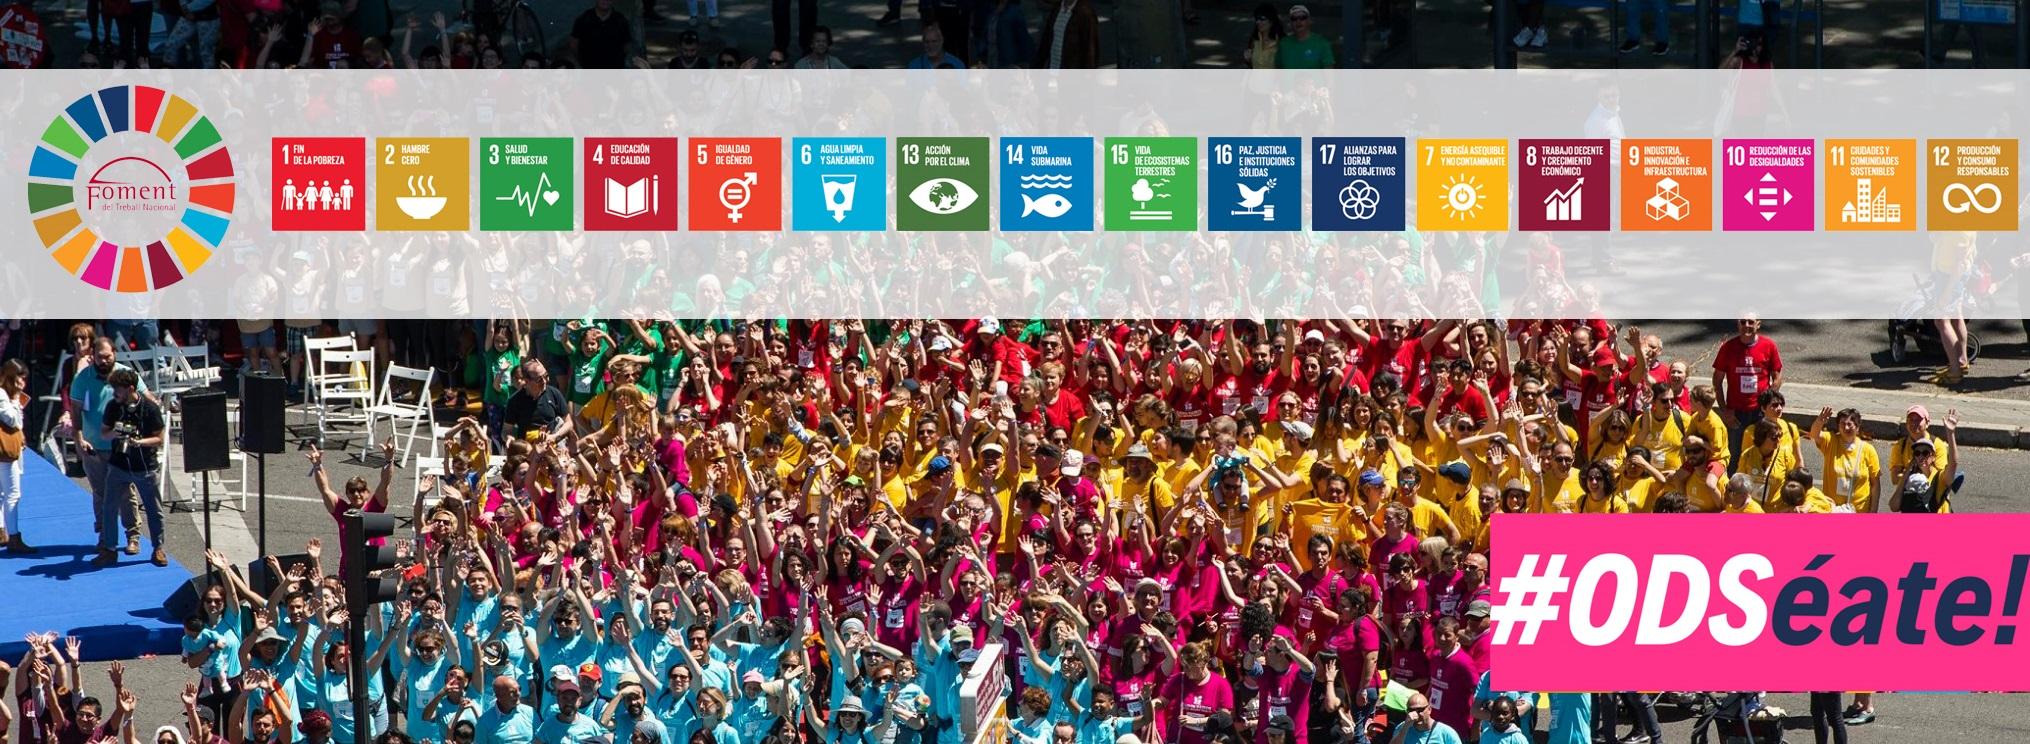 ODSéate! Quart aniversari de l'adhesió d'Espanya a l'Agenda 2030 de Desenvolupament Sostenible de les Nacions Unides